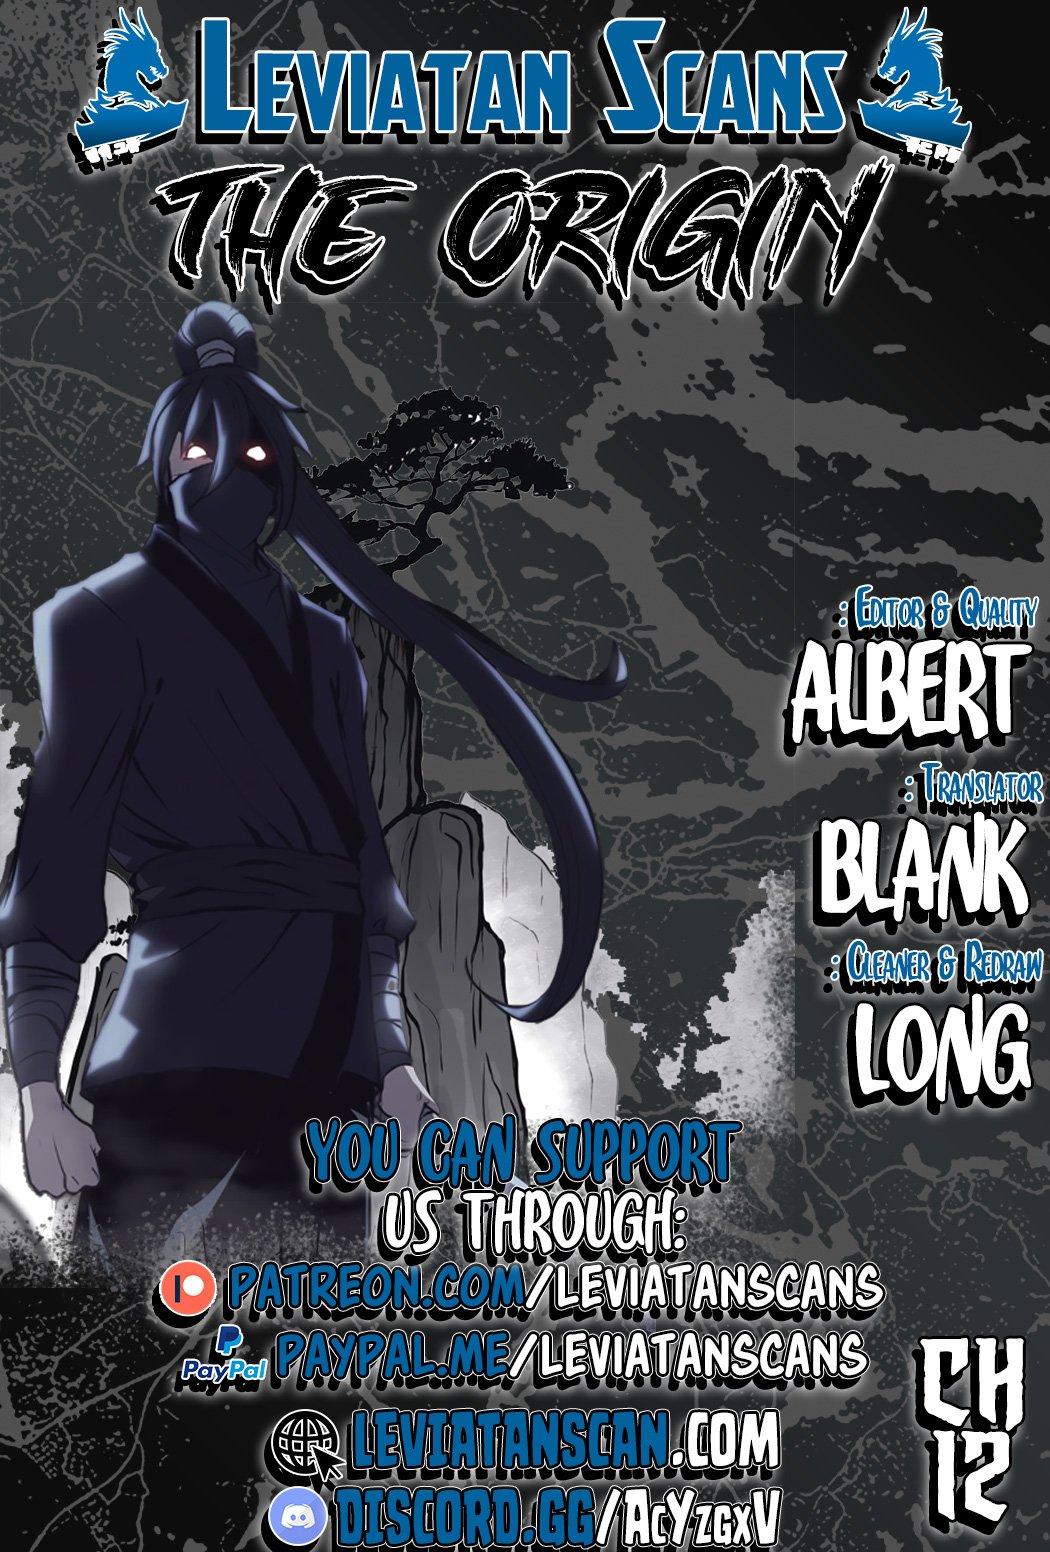 https://manga.mangadogs.com/comics/pic4/13/46989/2897379/ef5e1017bc505846af791020f272cd4a.jpg Page 1